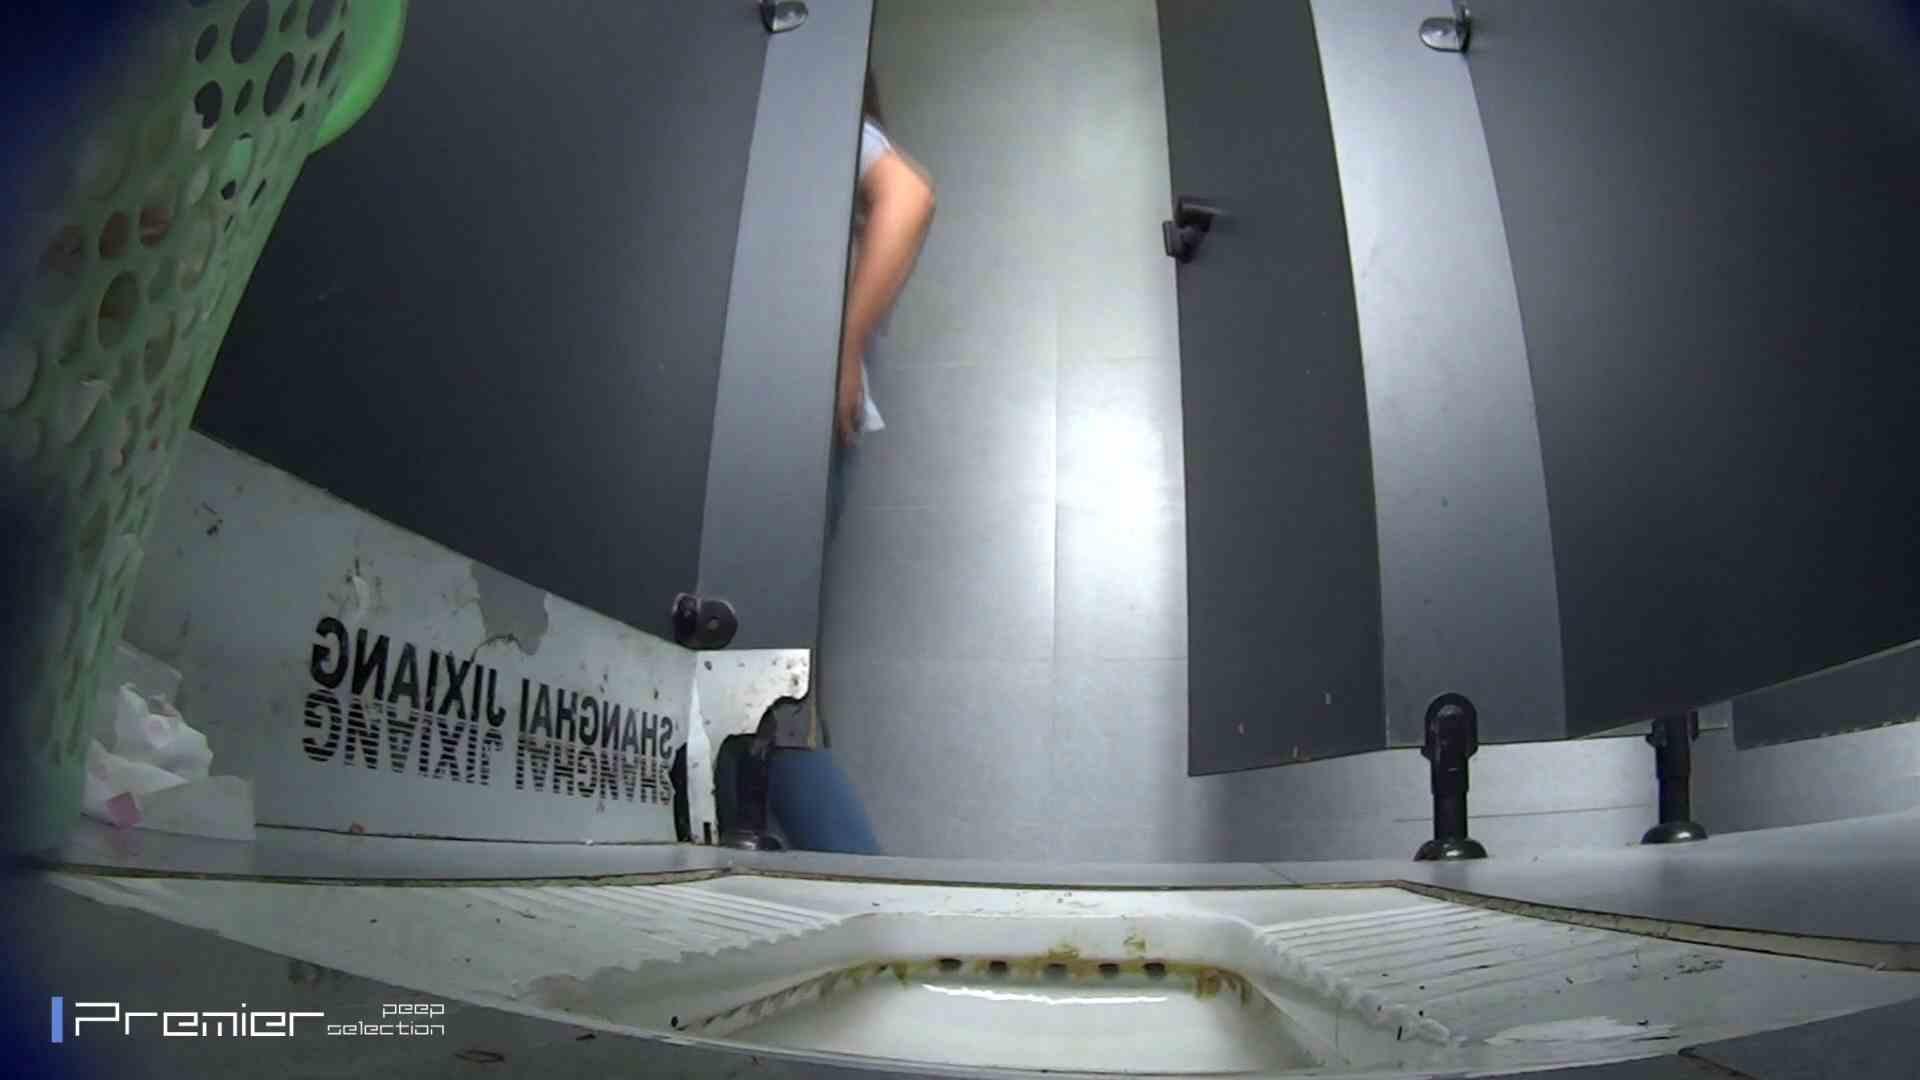 滴り落ちる聖水 大学休憩時間の洗面所事情42 丸見え  66画像 44